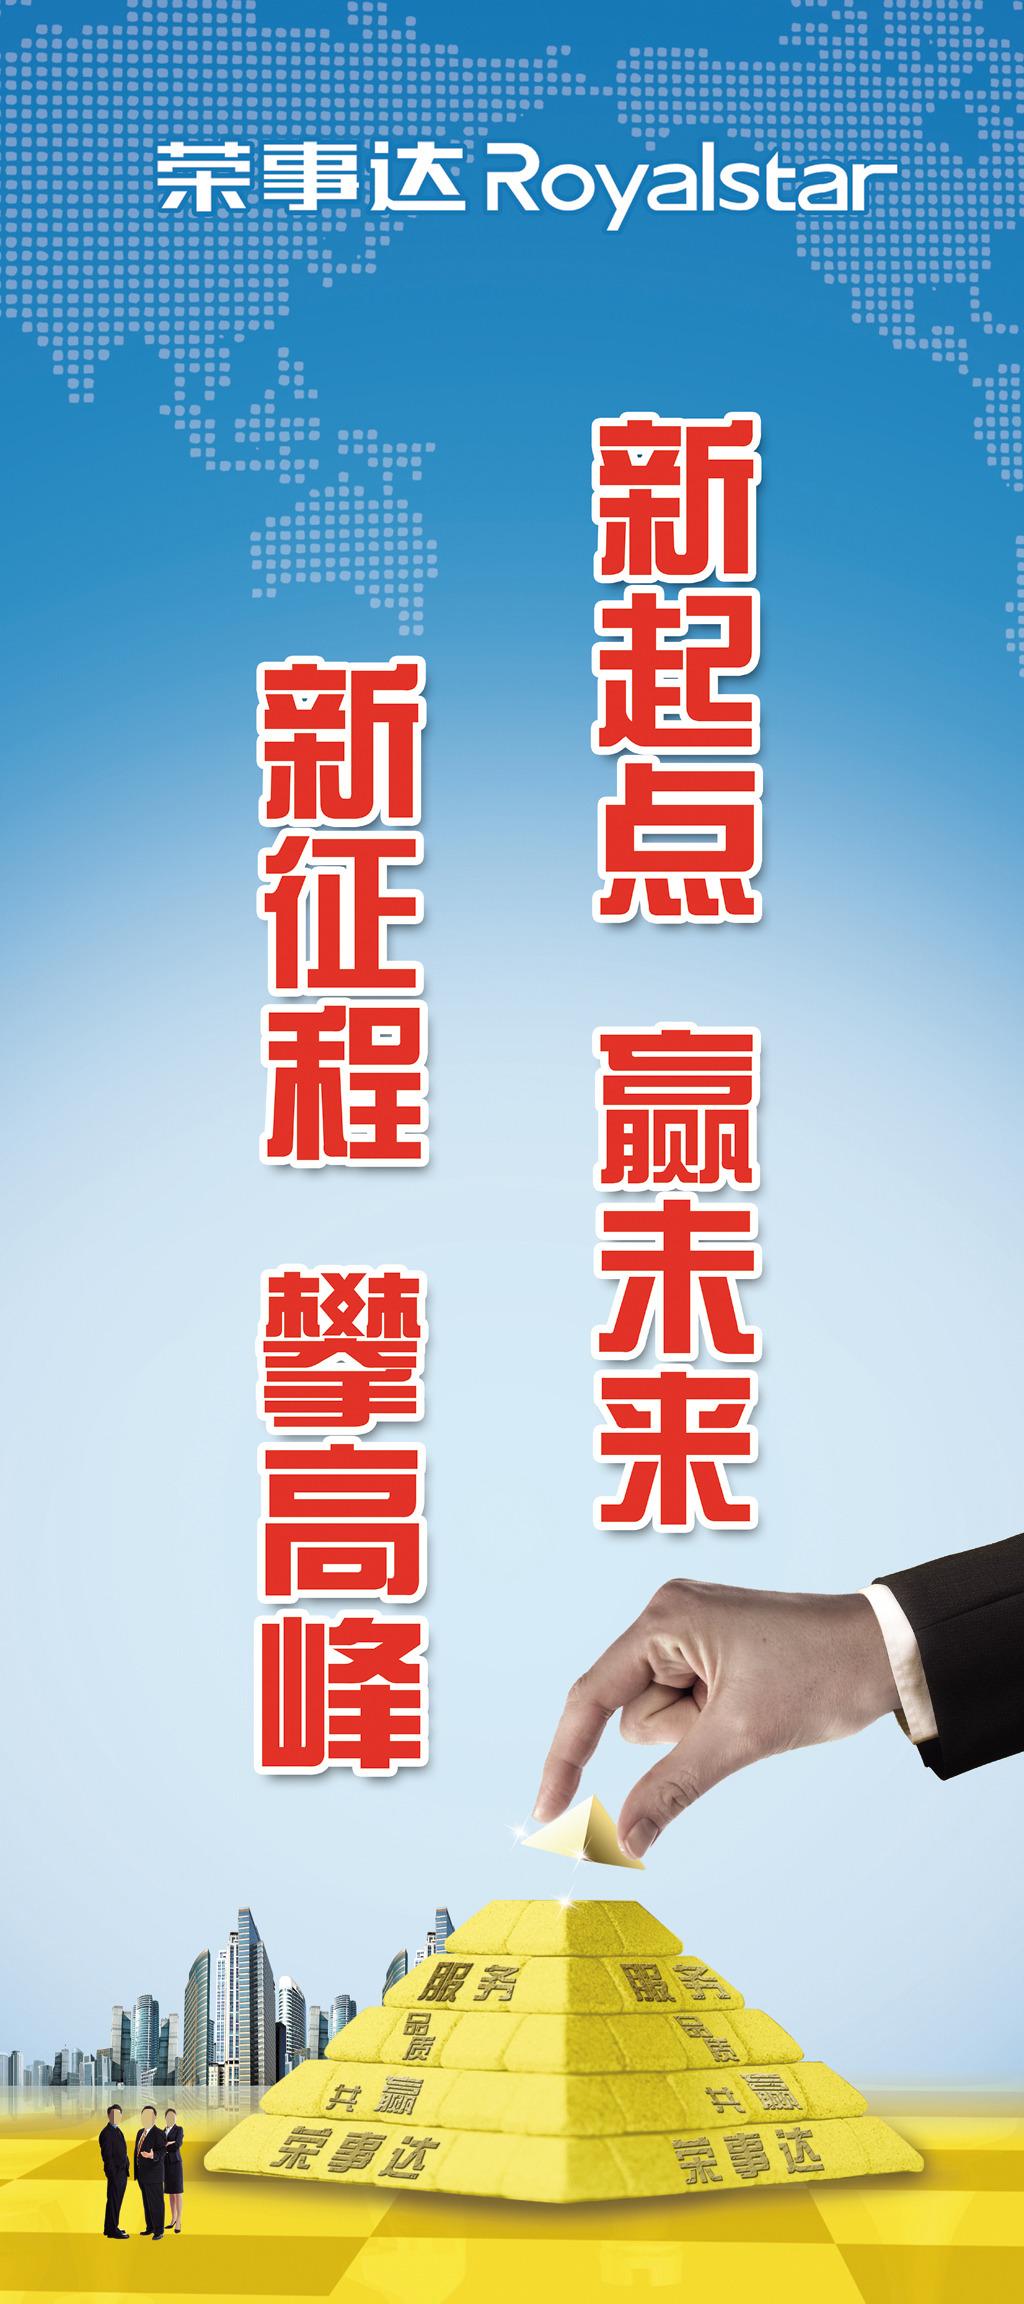 企业文化宣传荣事达海报x展架